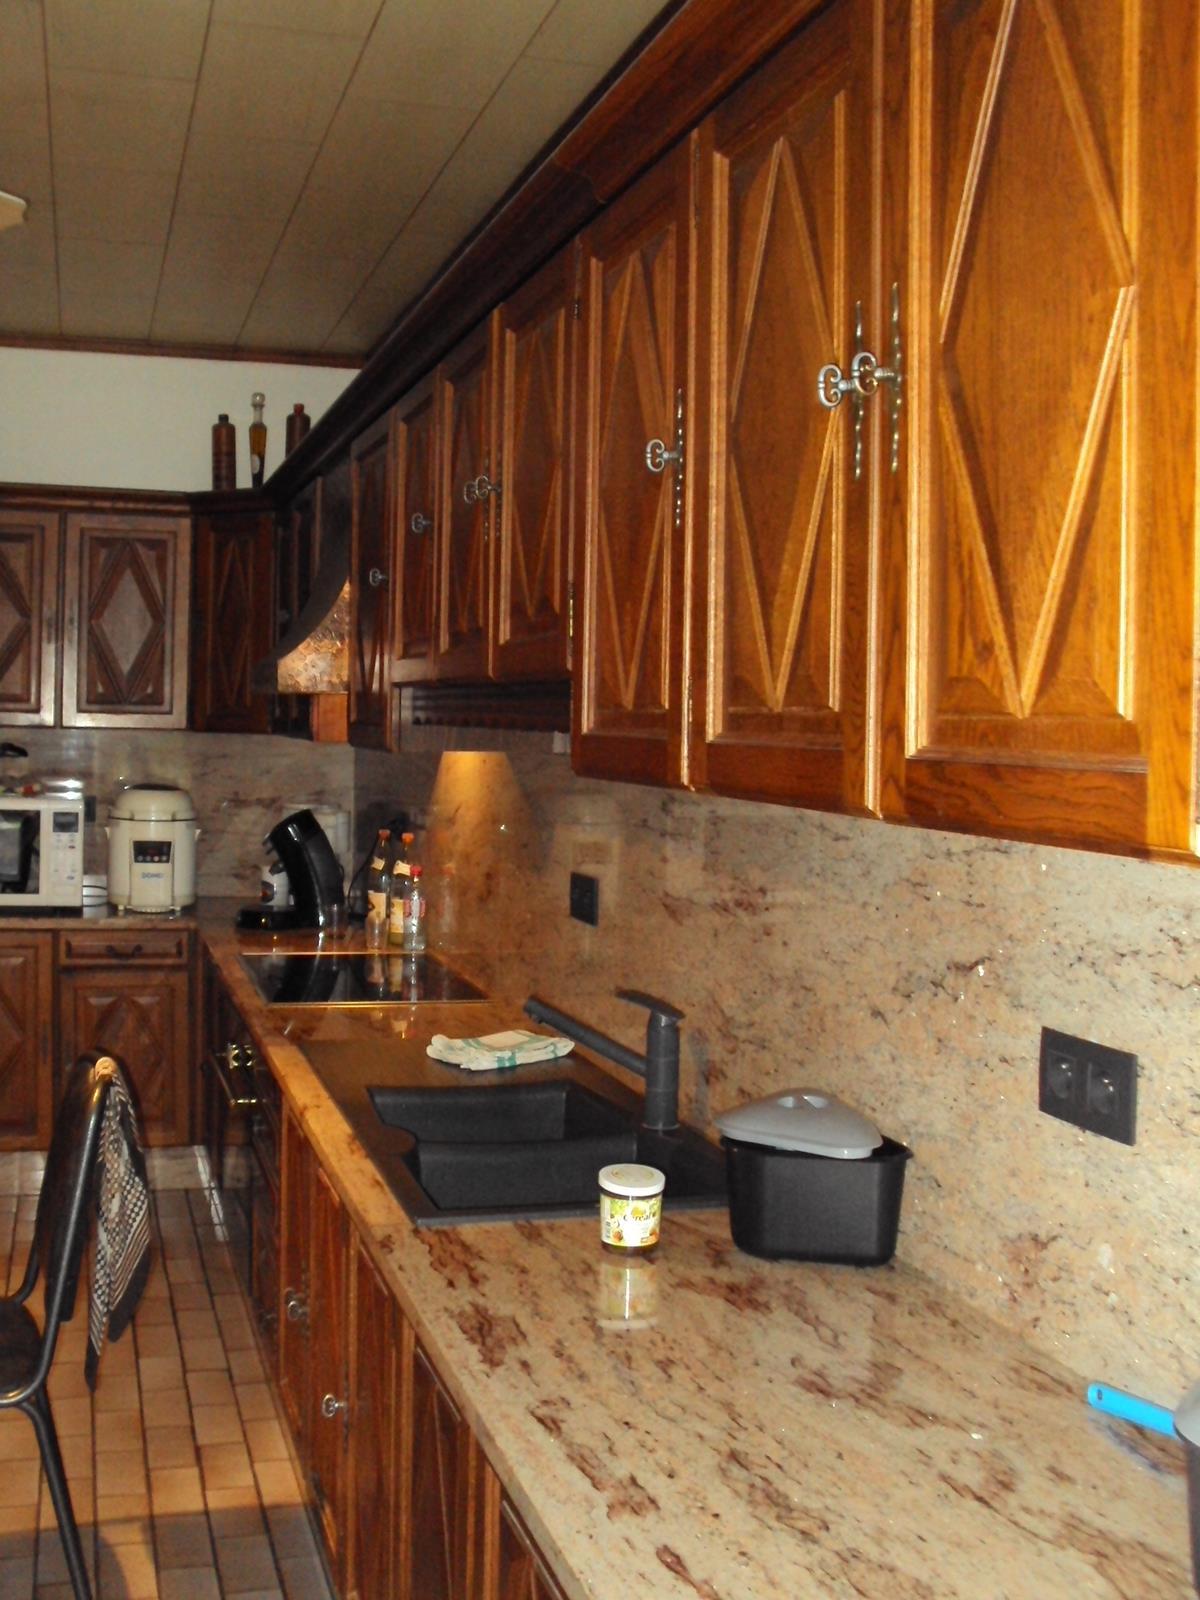 Eiken Keuken Renovatie : Renovatie eiken keuken Wervik Meubelrenovatie